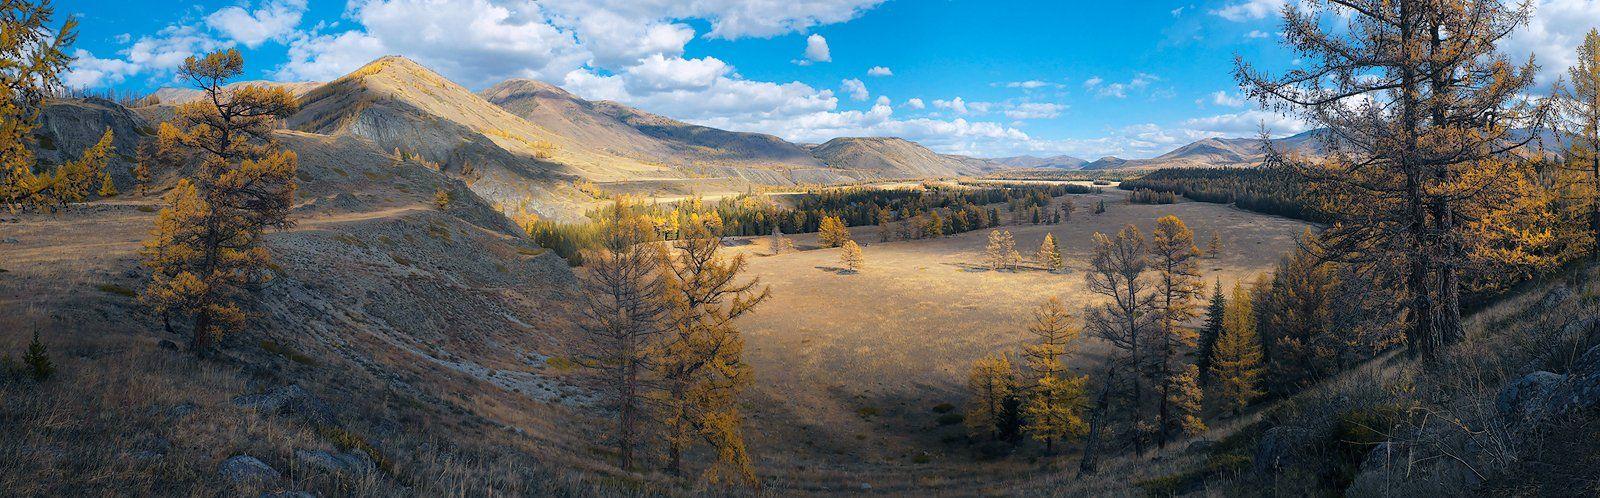 степь самаха, река, аргут, джазатор, осень, облака, тени, лиственницы, горный алтай, Валерий Пешков